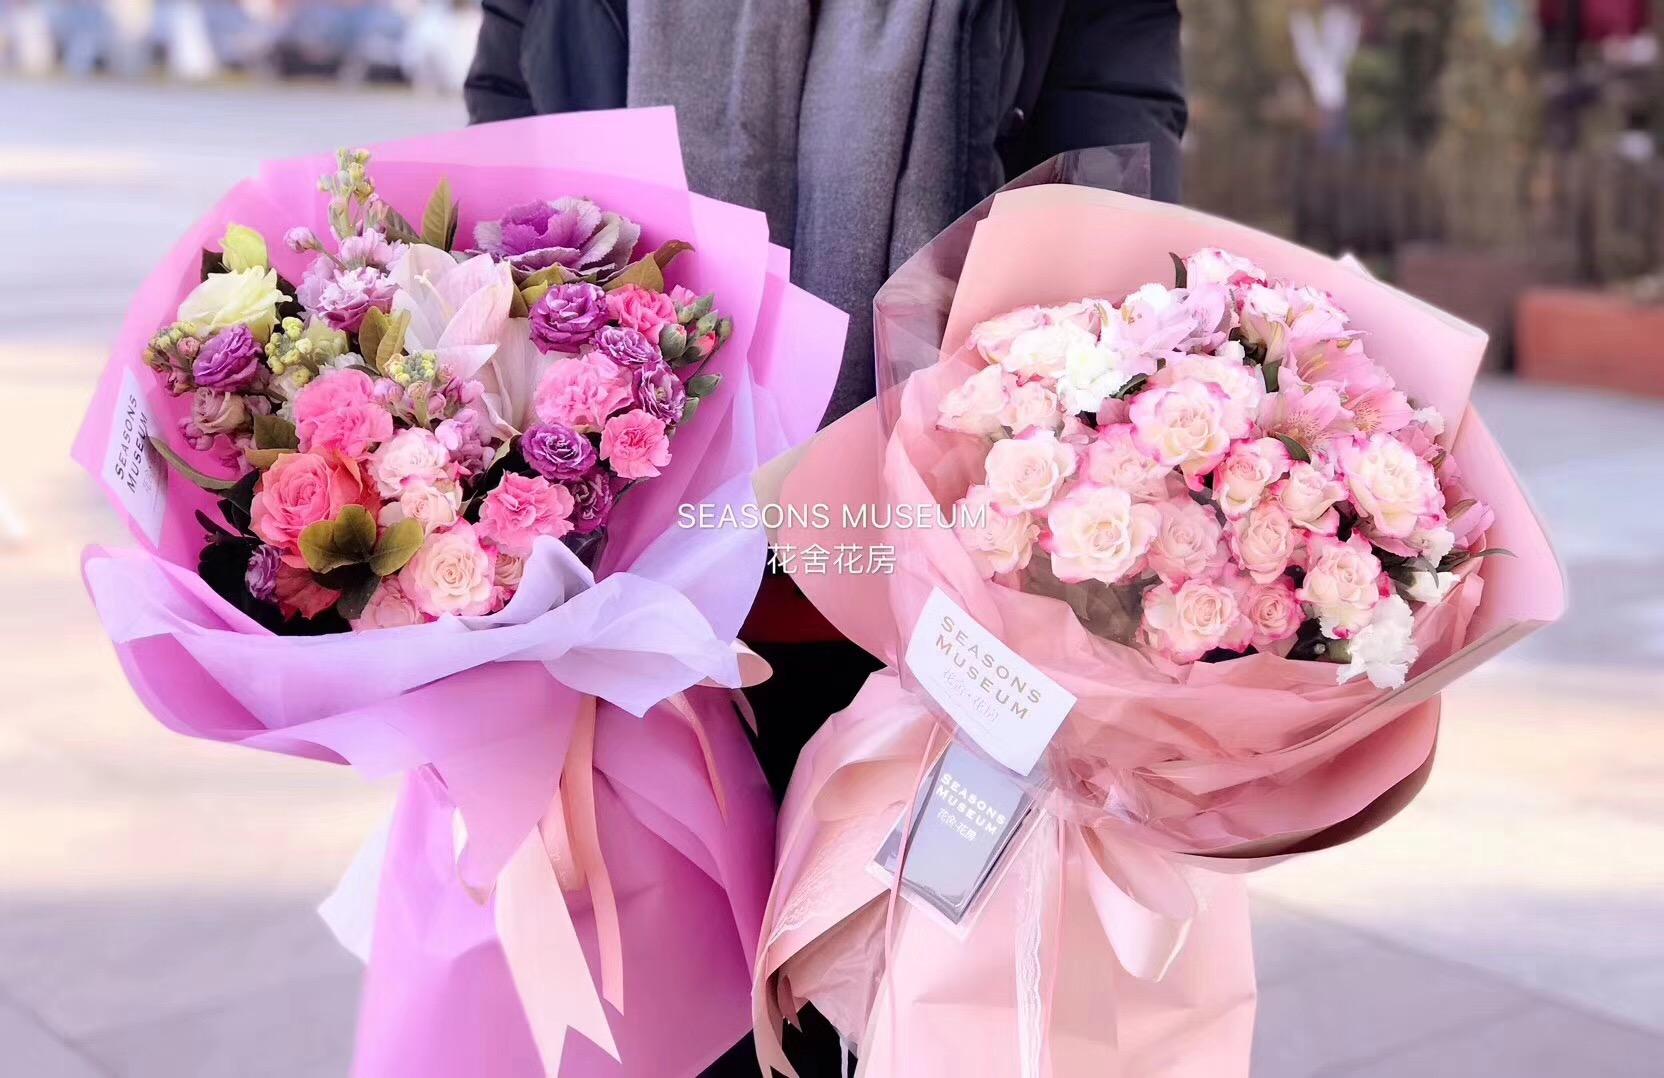 韩素纸鲜花包装纸花束包装纸防水纸鲜花包装材料程静资材